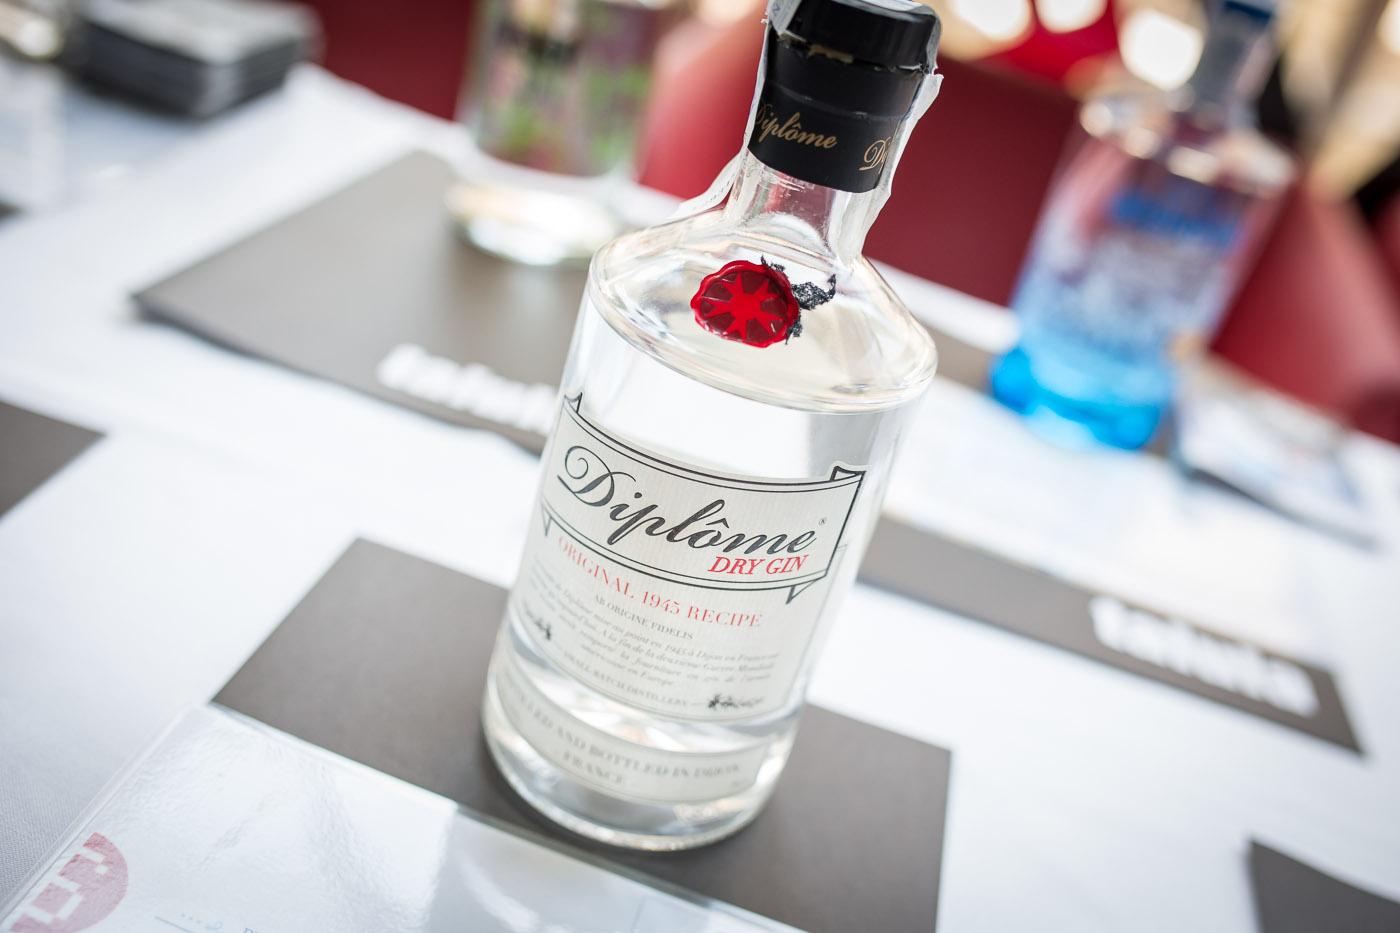 Ginebra Diplome Dry Gin, ginebra premium para Gin Tonic